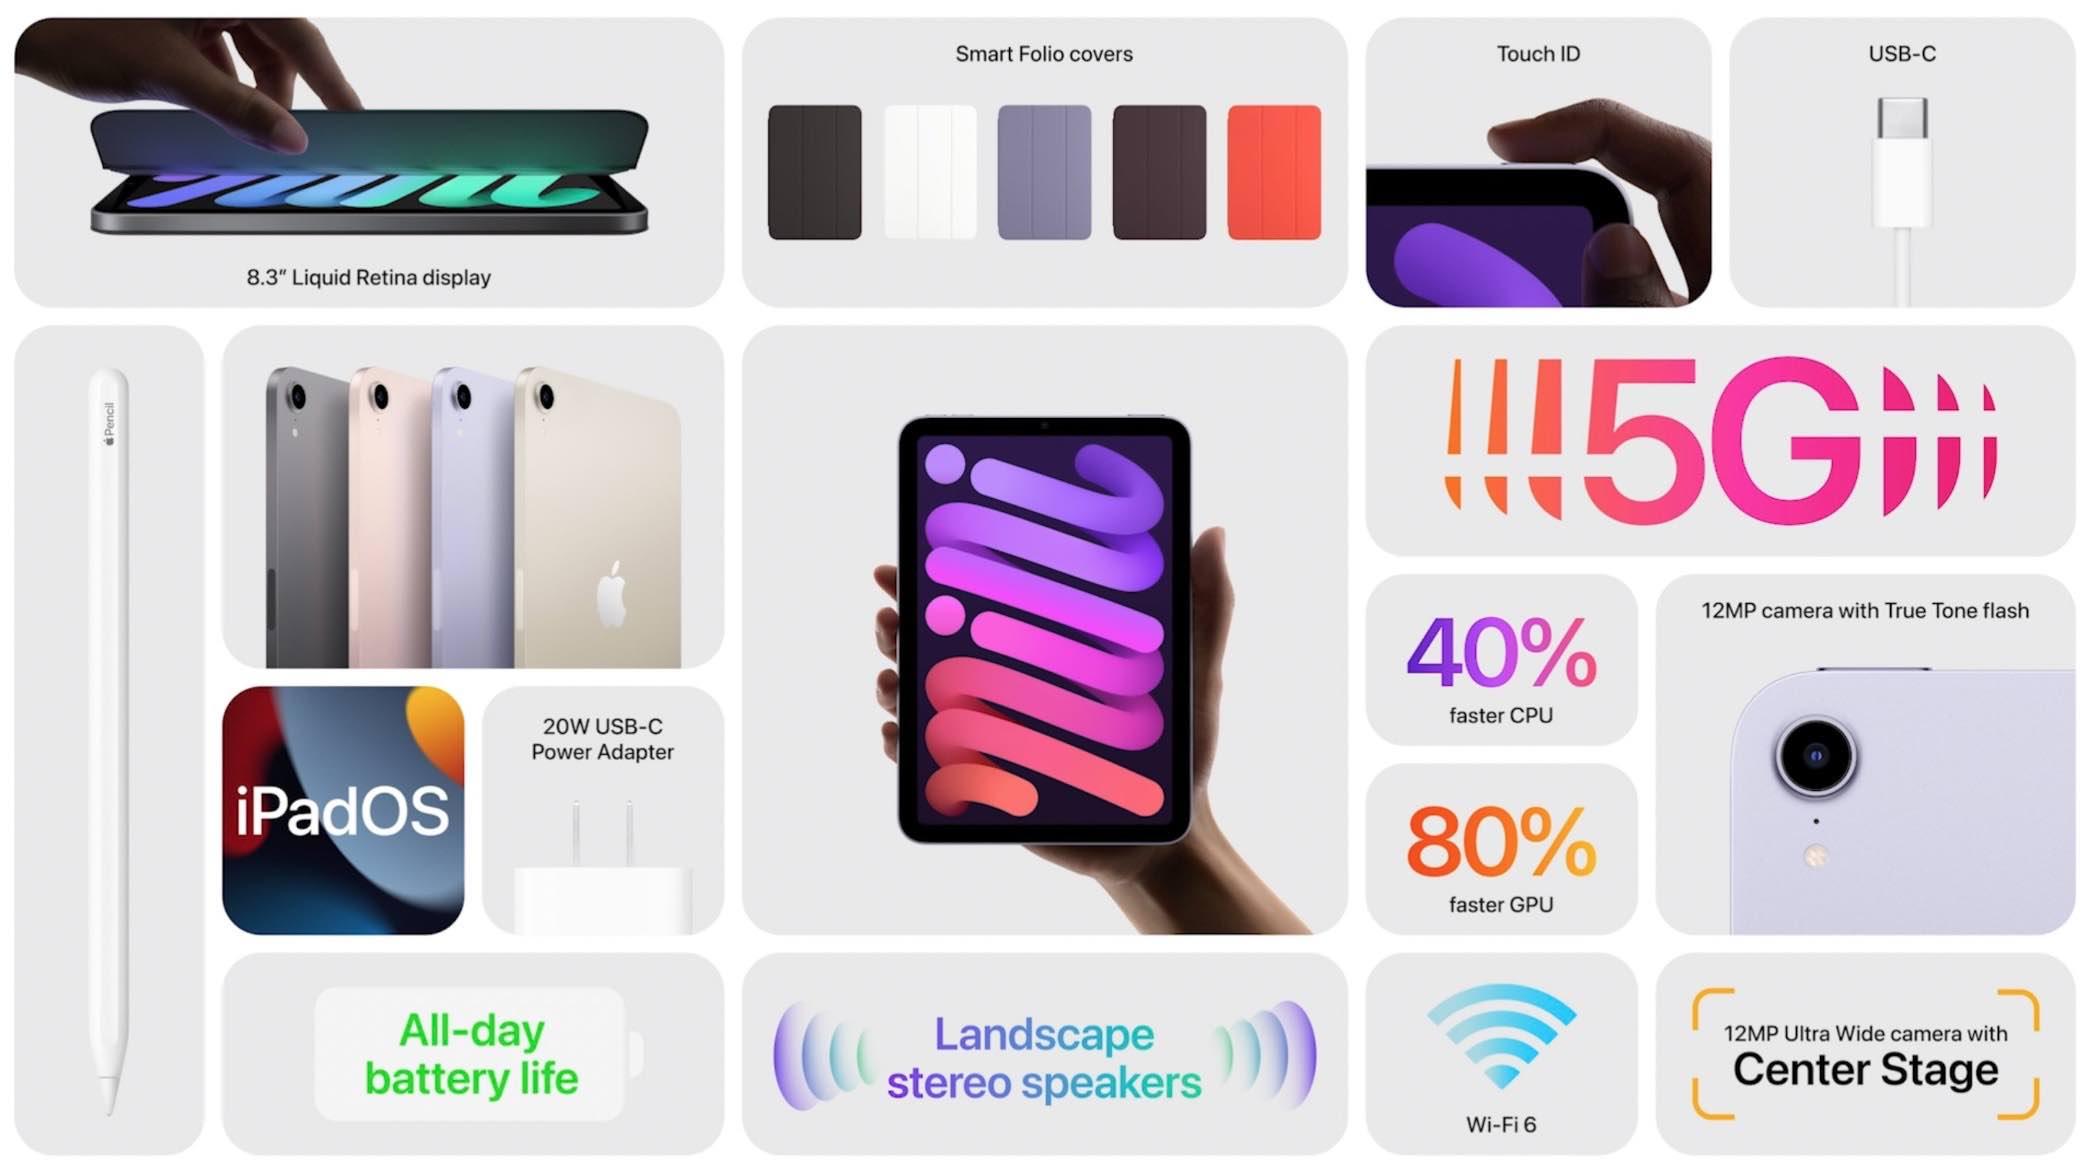 Apple przedstawia nowego iPada mini z oszałamiającym, nowym wyglądem ciekawostki, box ipad mini oficjlanie, iPad mini 2021, iPad mini, bezramkowy ipad mini  Kolejny urządzeniem, który pojawił się na dzisiejszej prezentacji Apple był zupełnie nowy z oszałamiającym, nowym wyglądem iPad mni. Poznajcie go już teraz! ipadmini